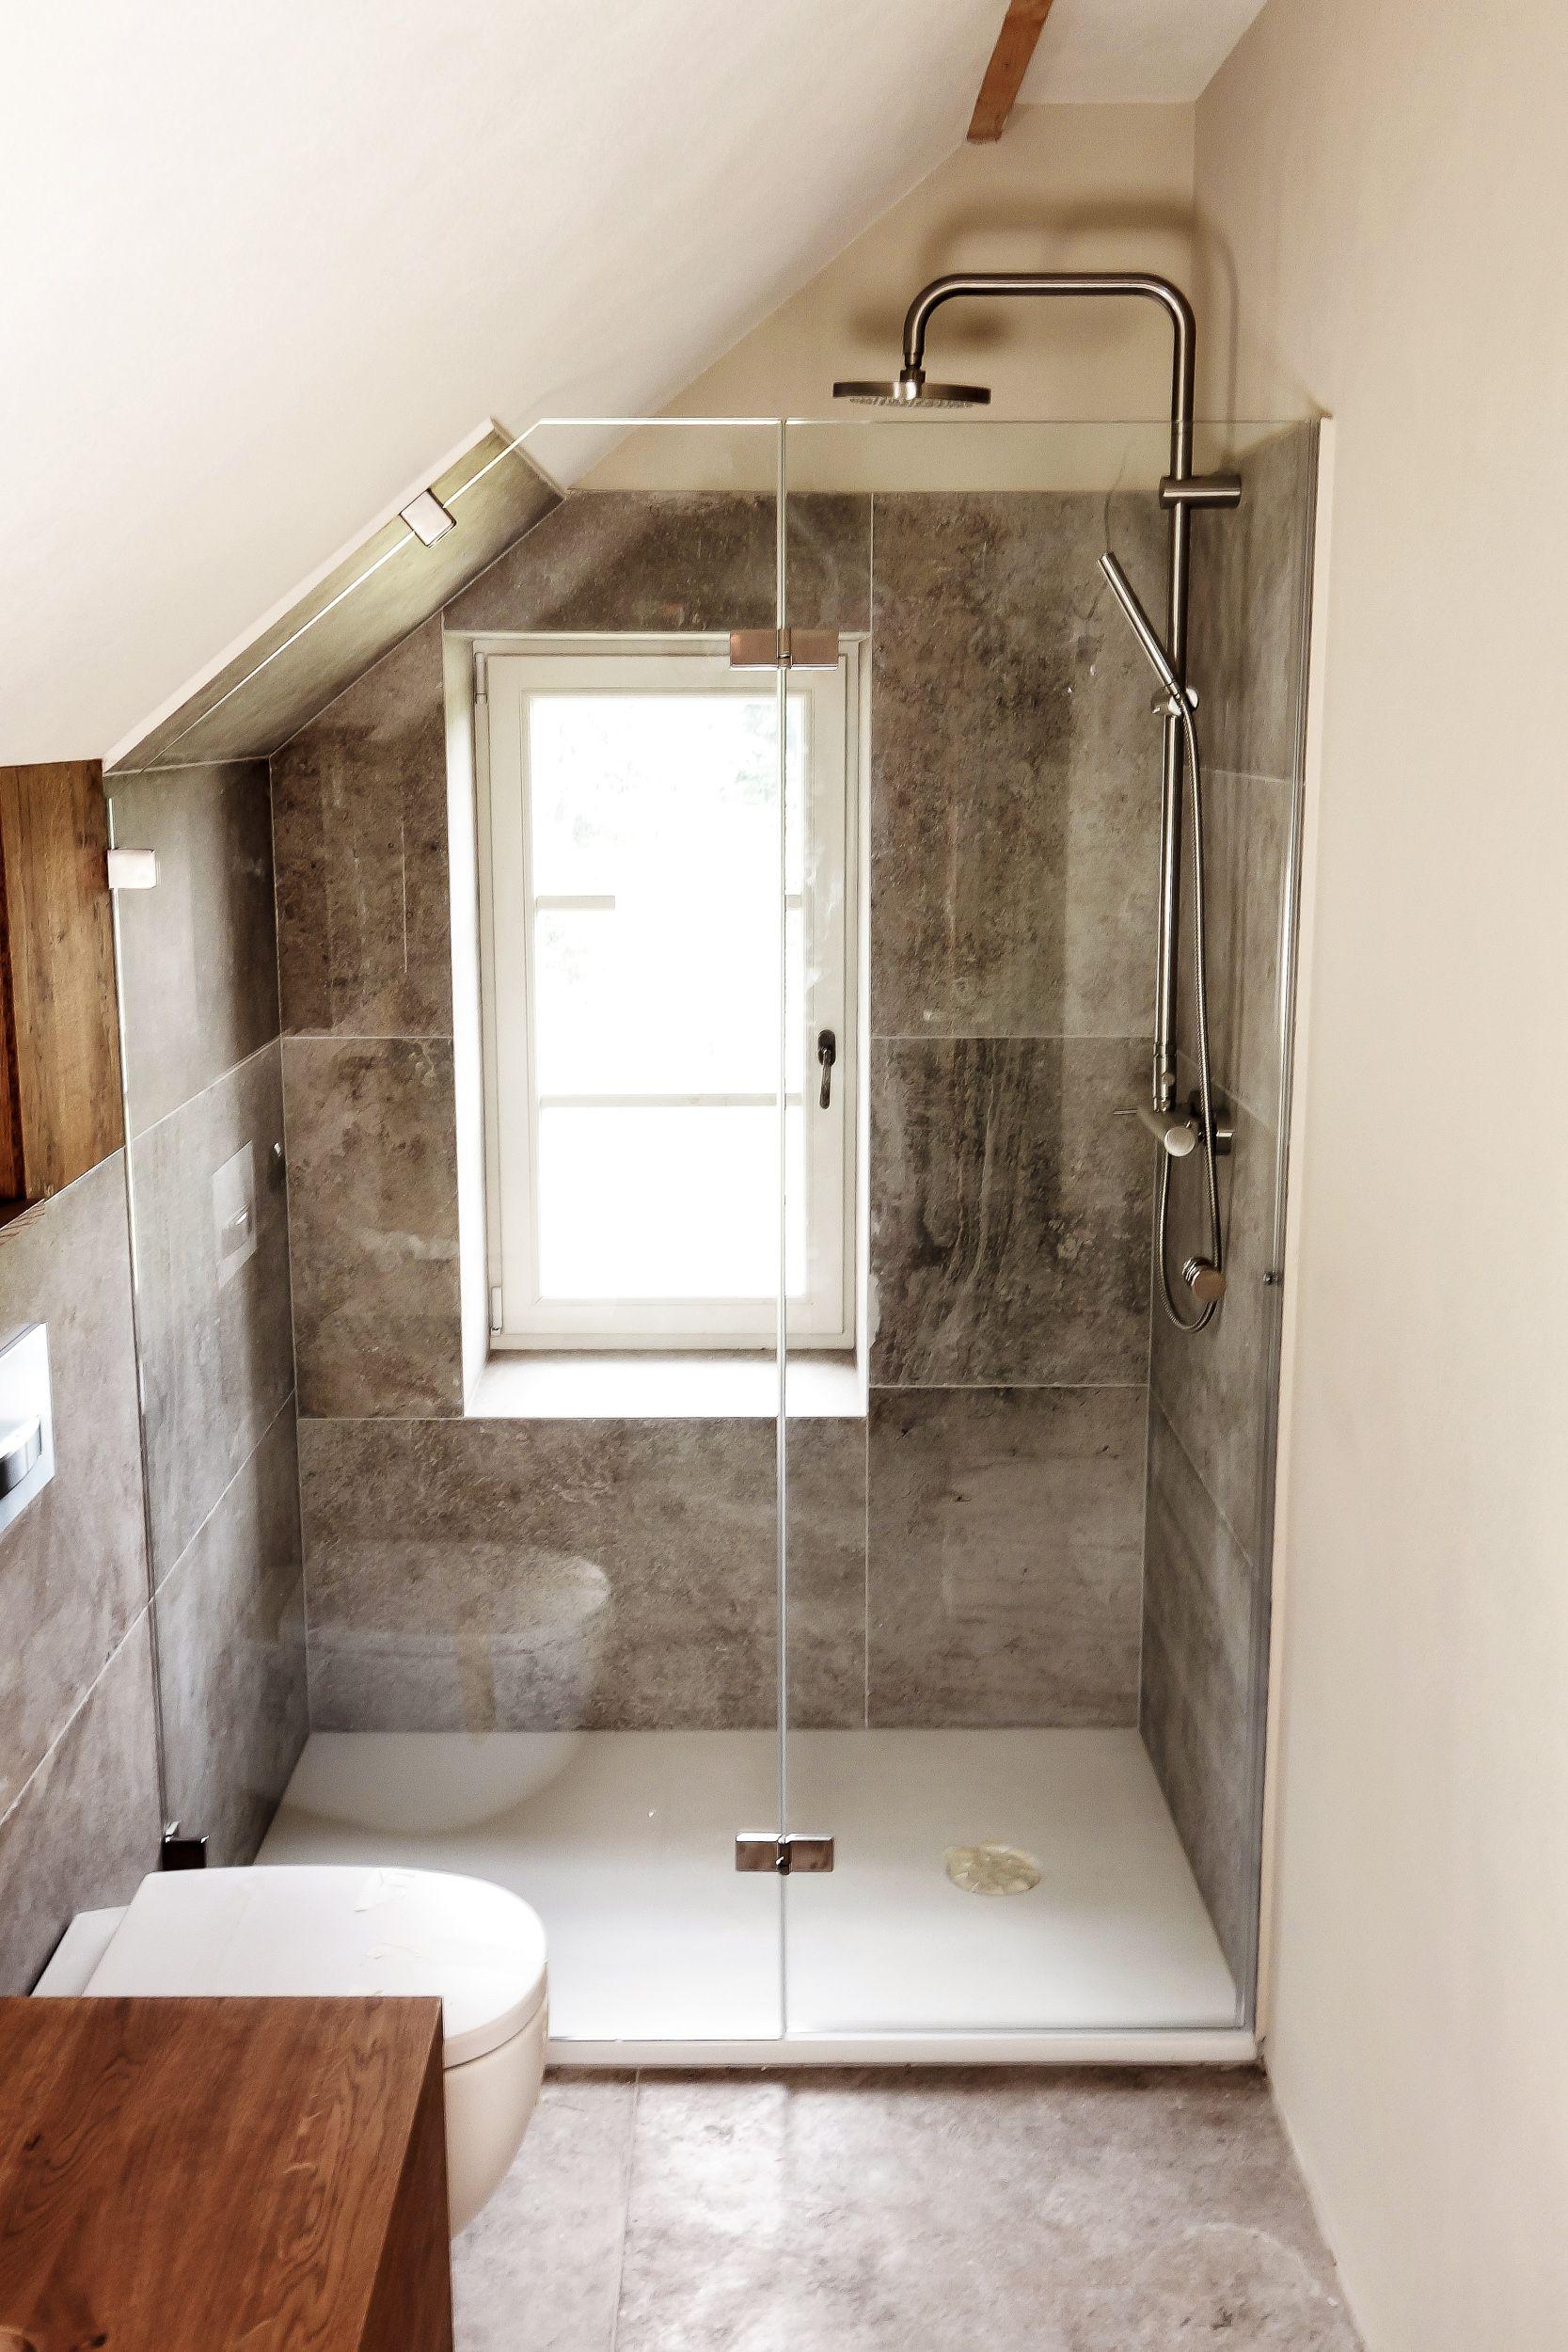 Nischeneinbau Badezimmer Dachschrage Begehbare Dusche Badezimmer Dachgeschoss